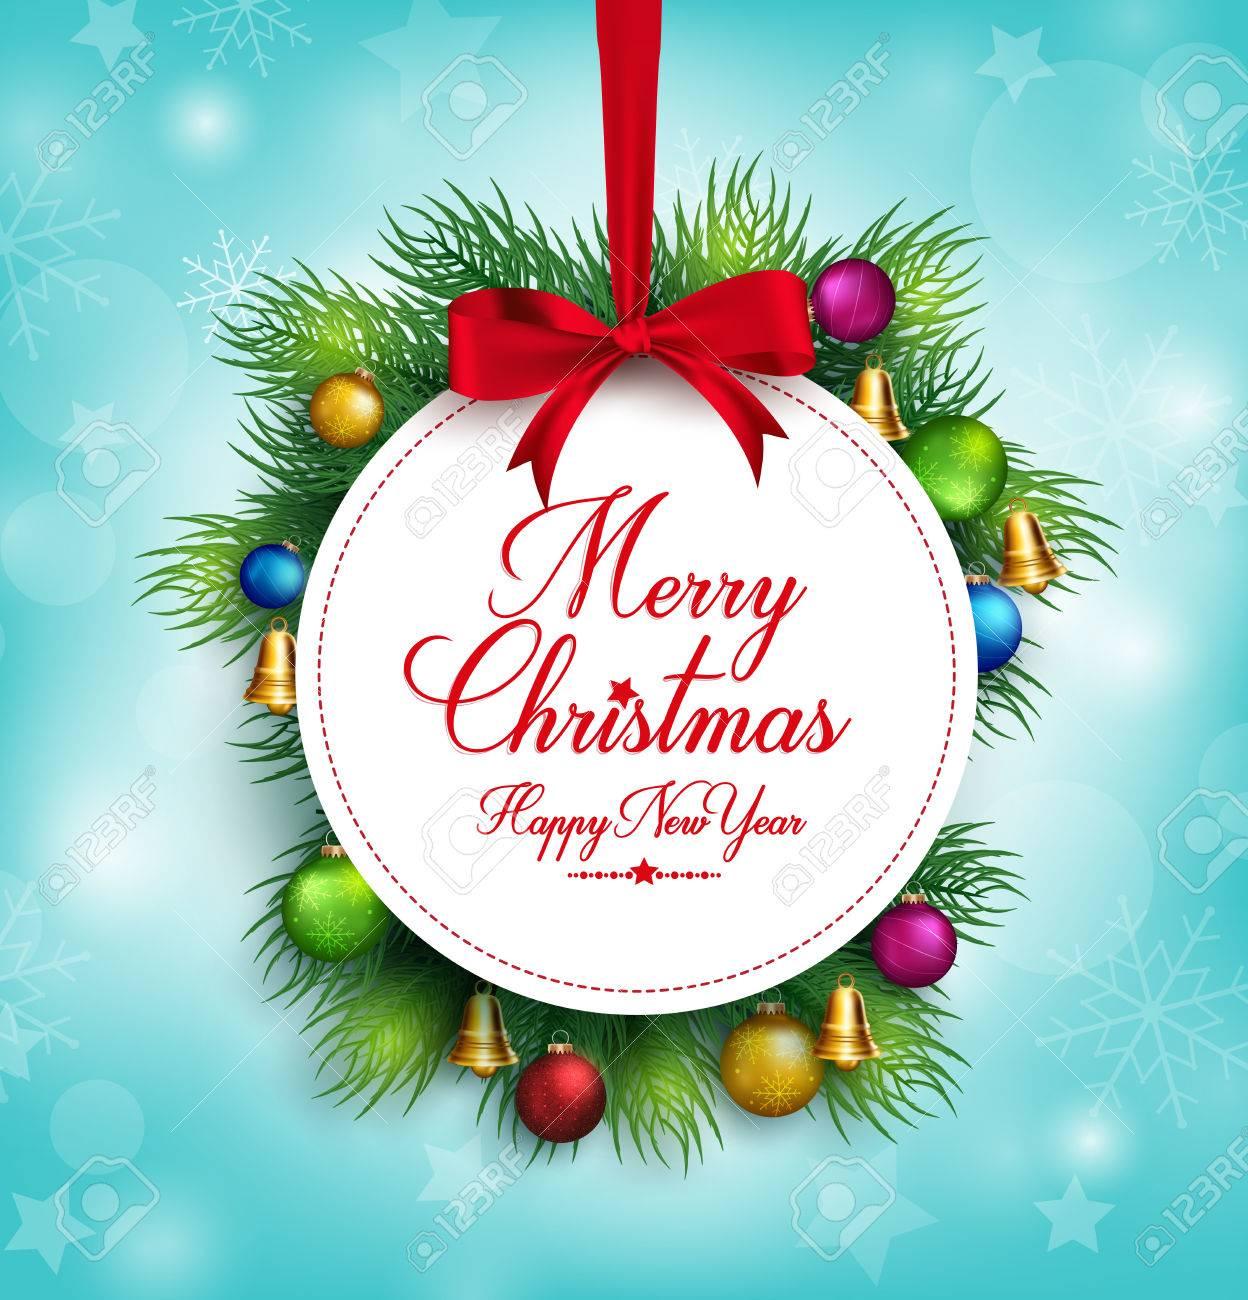 Frohe Weihnachten Grüße.Stock Photo